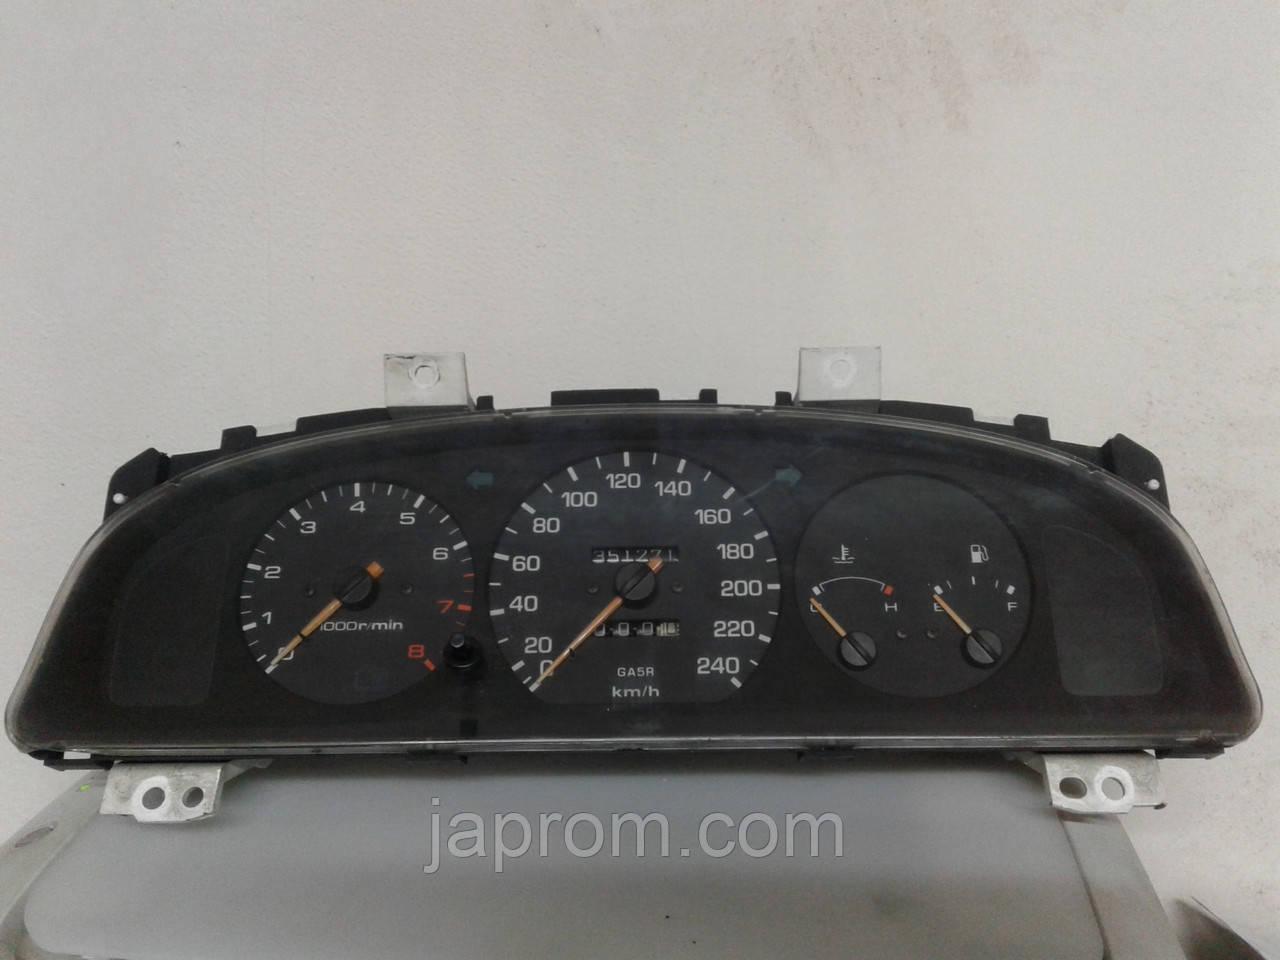 Панель щиток приборов Mazda 626 GE 1992-1997г.в. 2.0 бензин GA5R